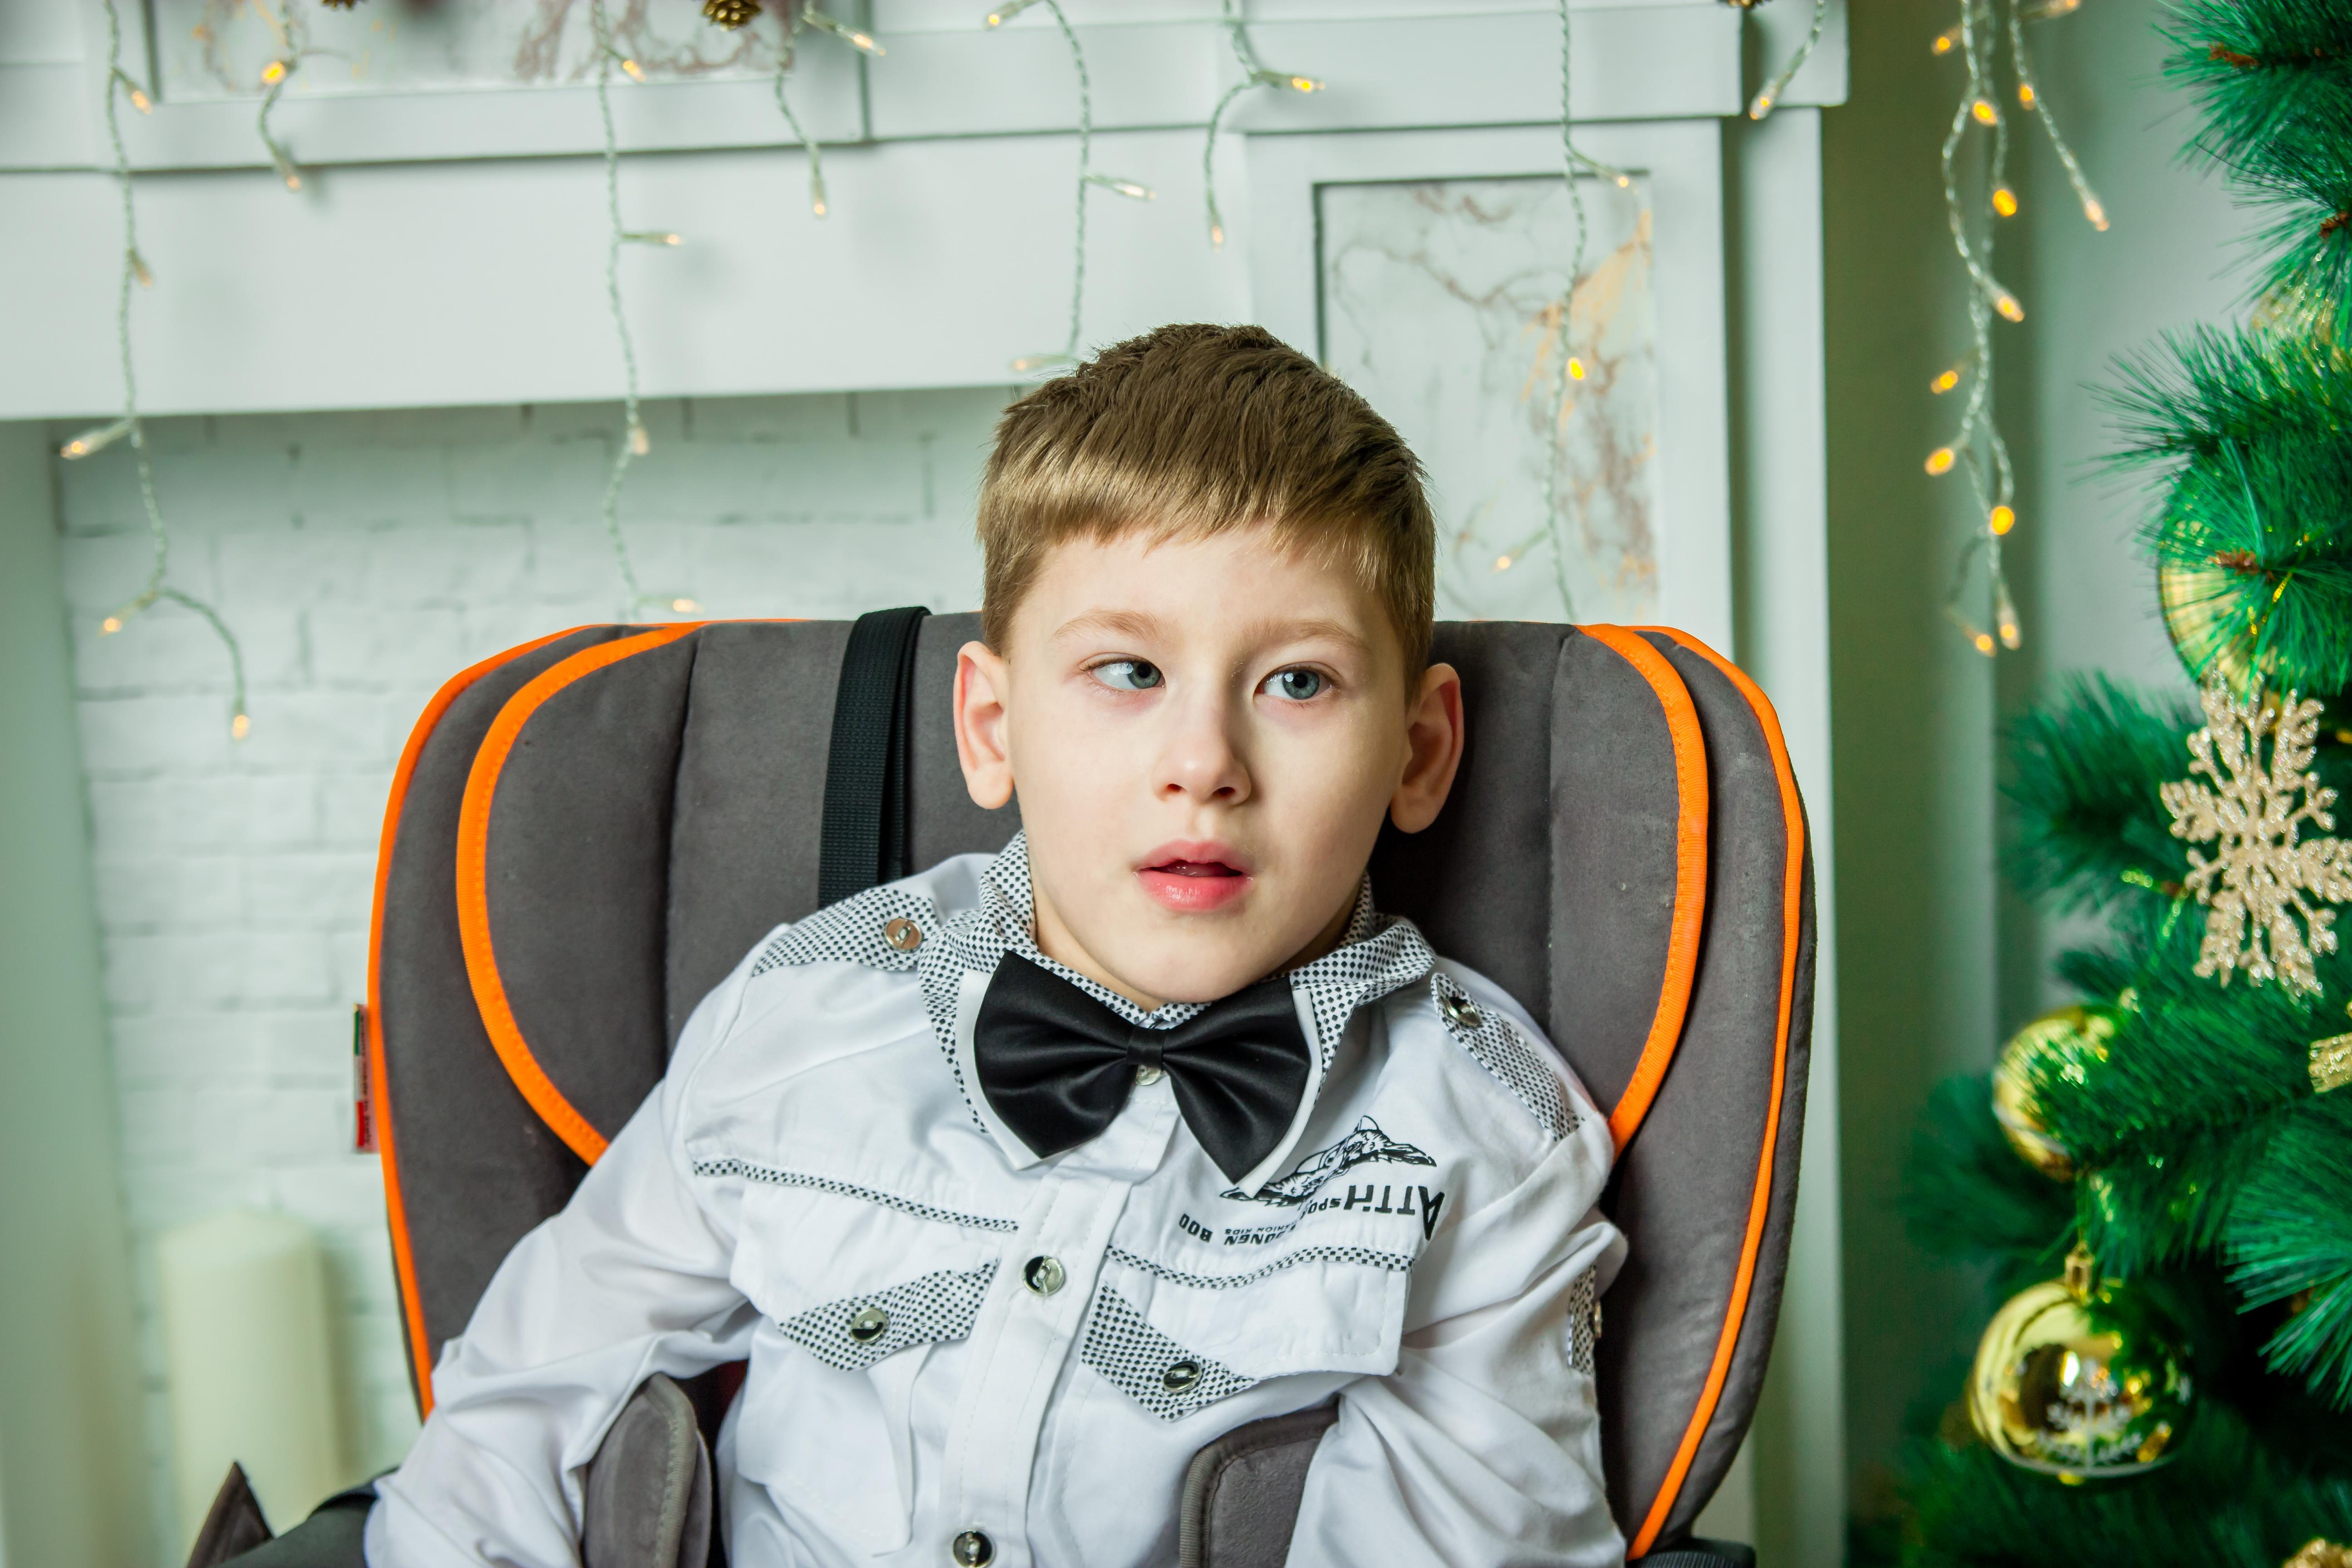 Заставка для - Колесник Андрей, 2010 г.р., ст. Петровская, Краснодарский Край